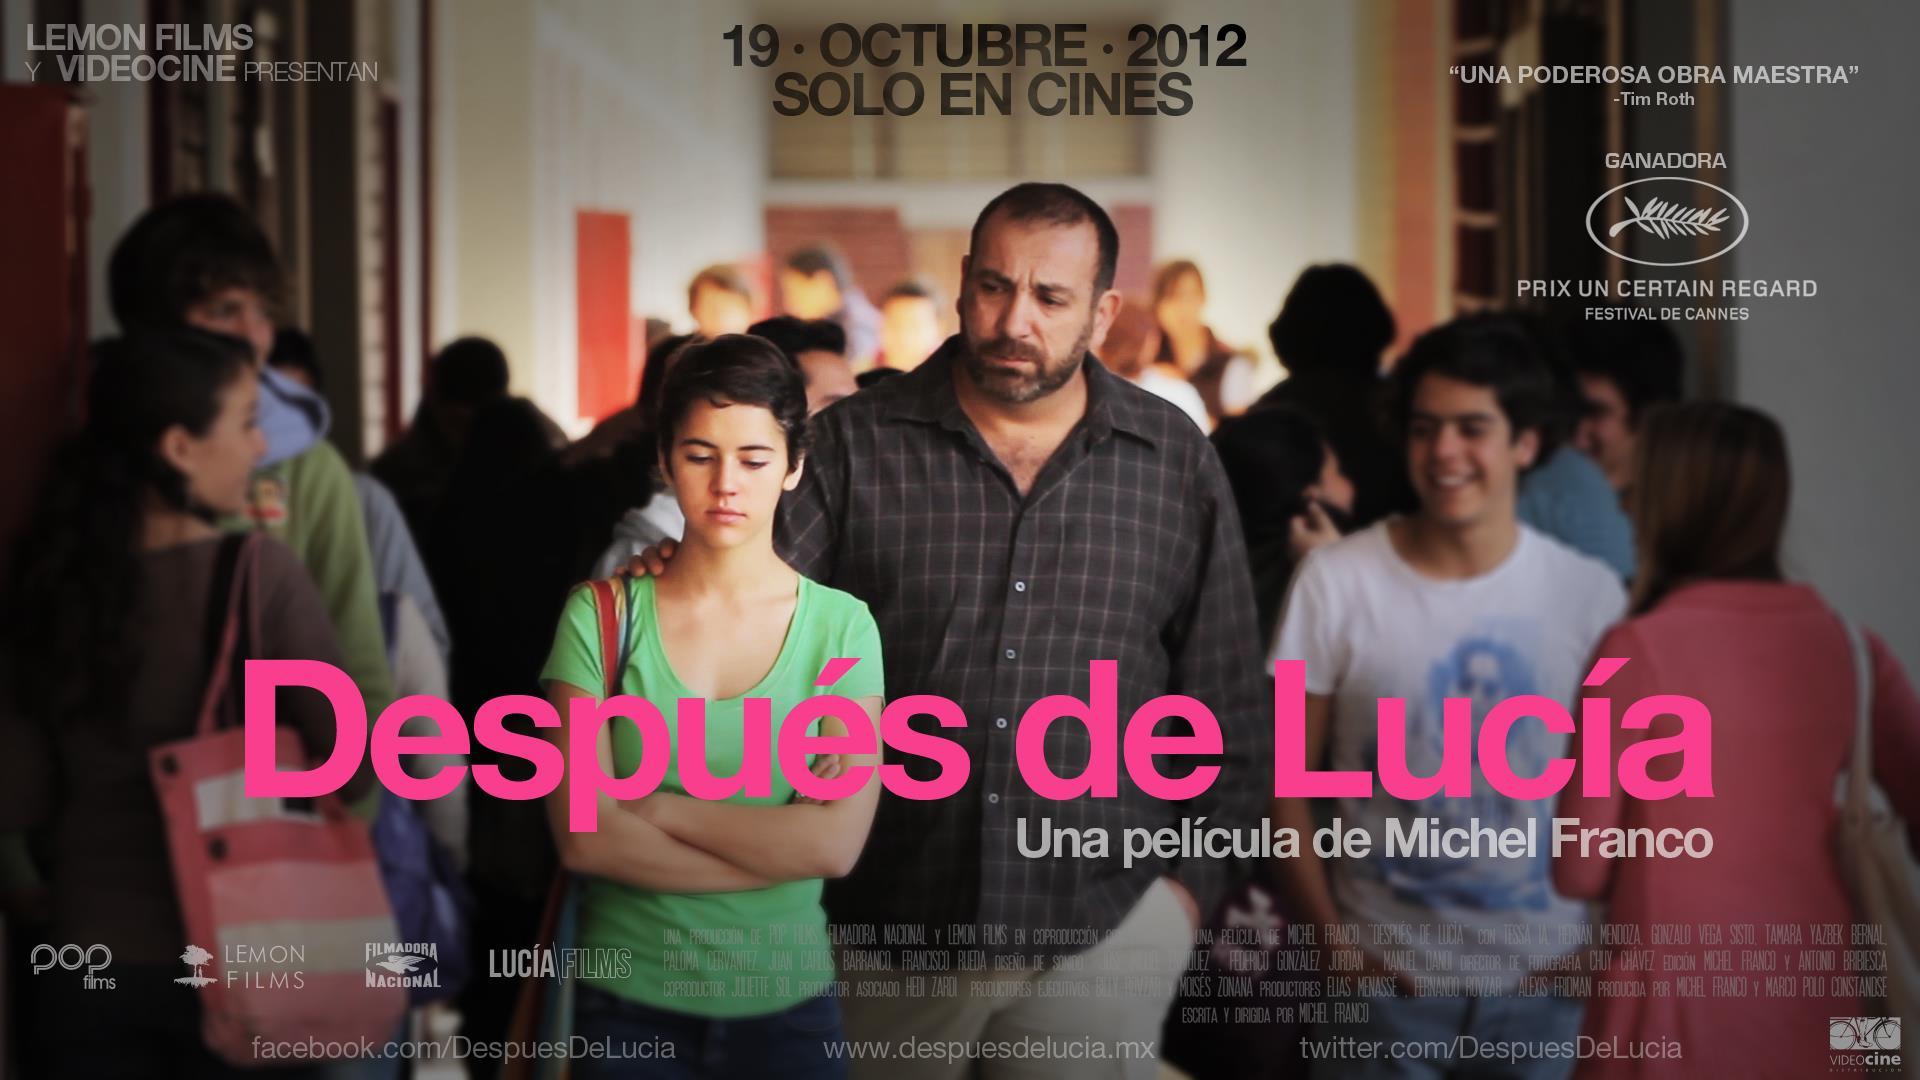 плакат фильма баннер После Люсии